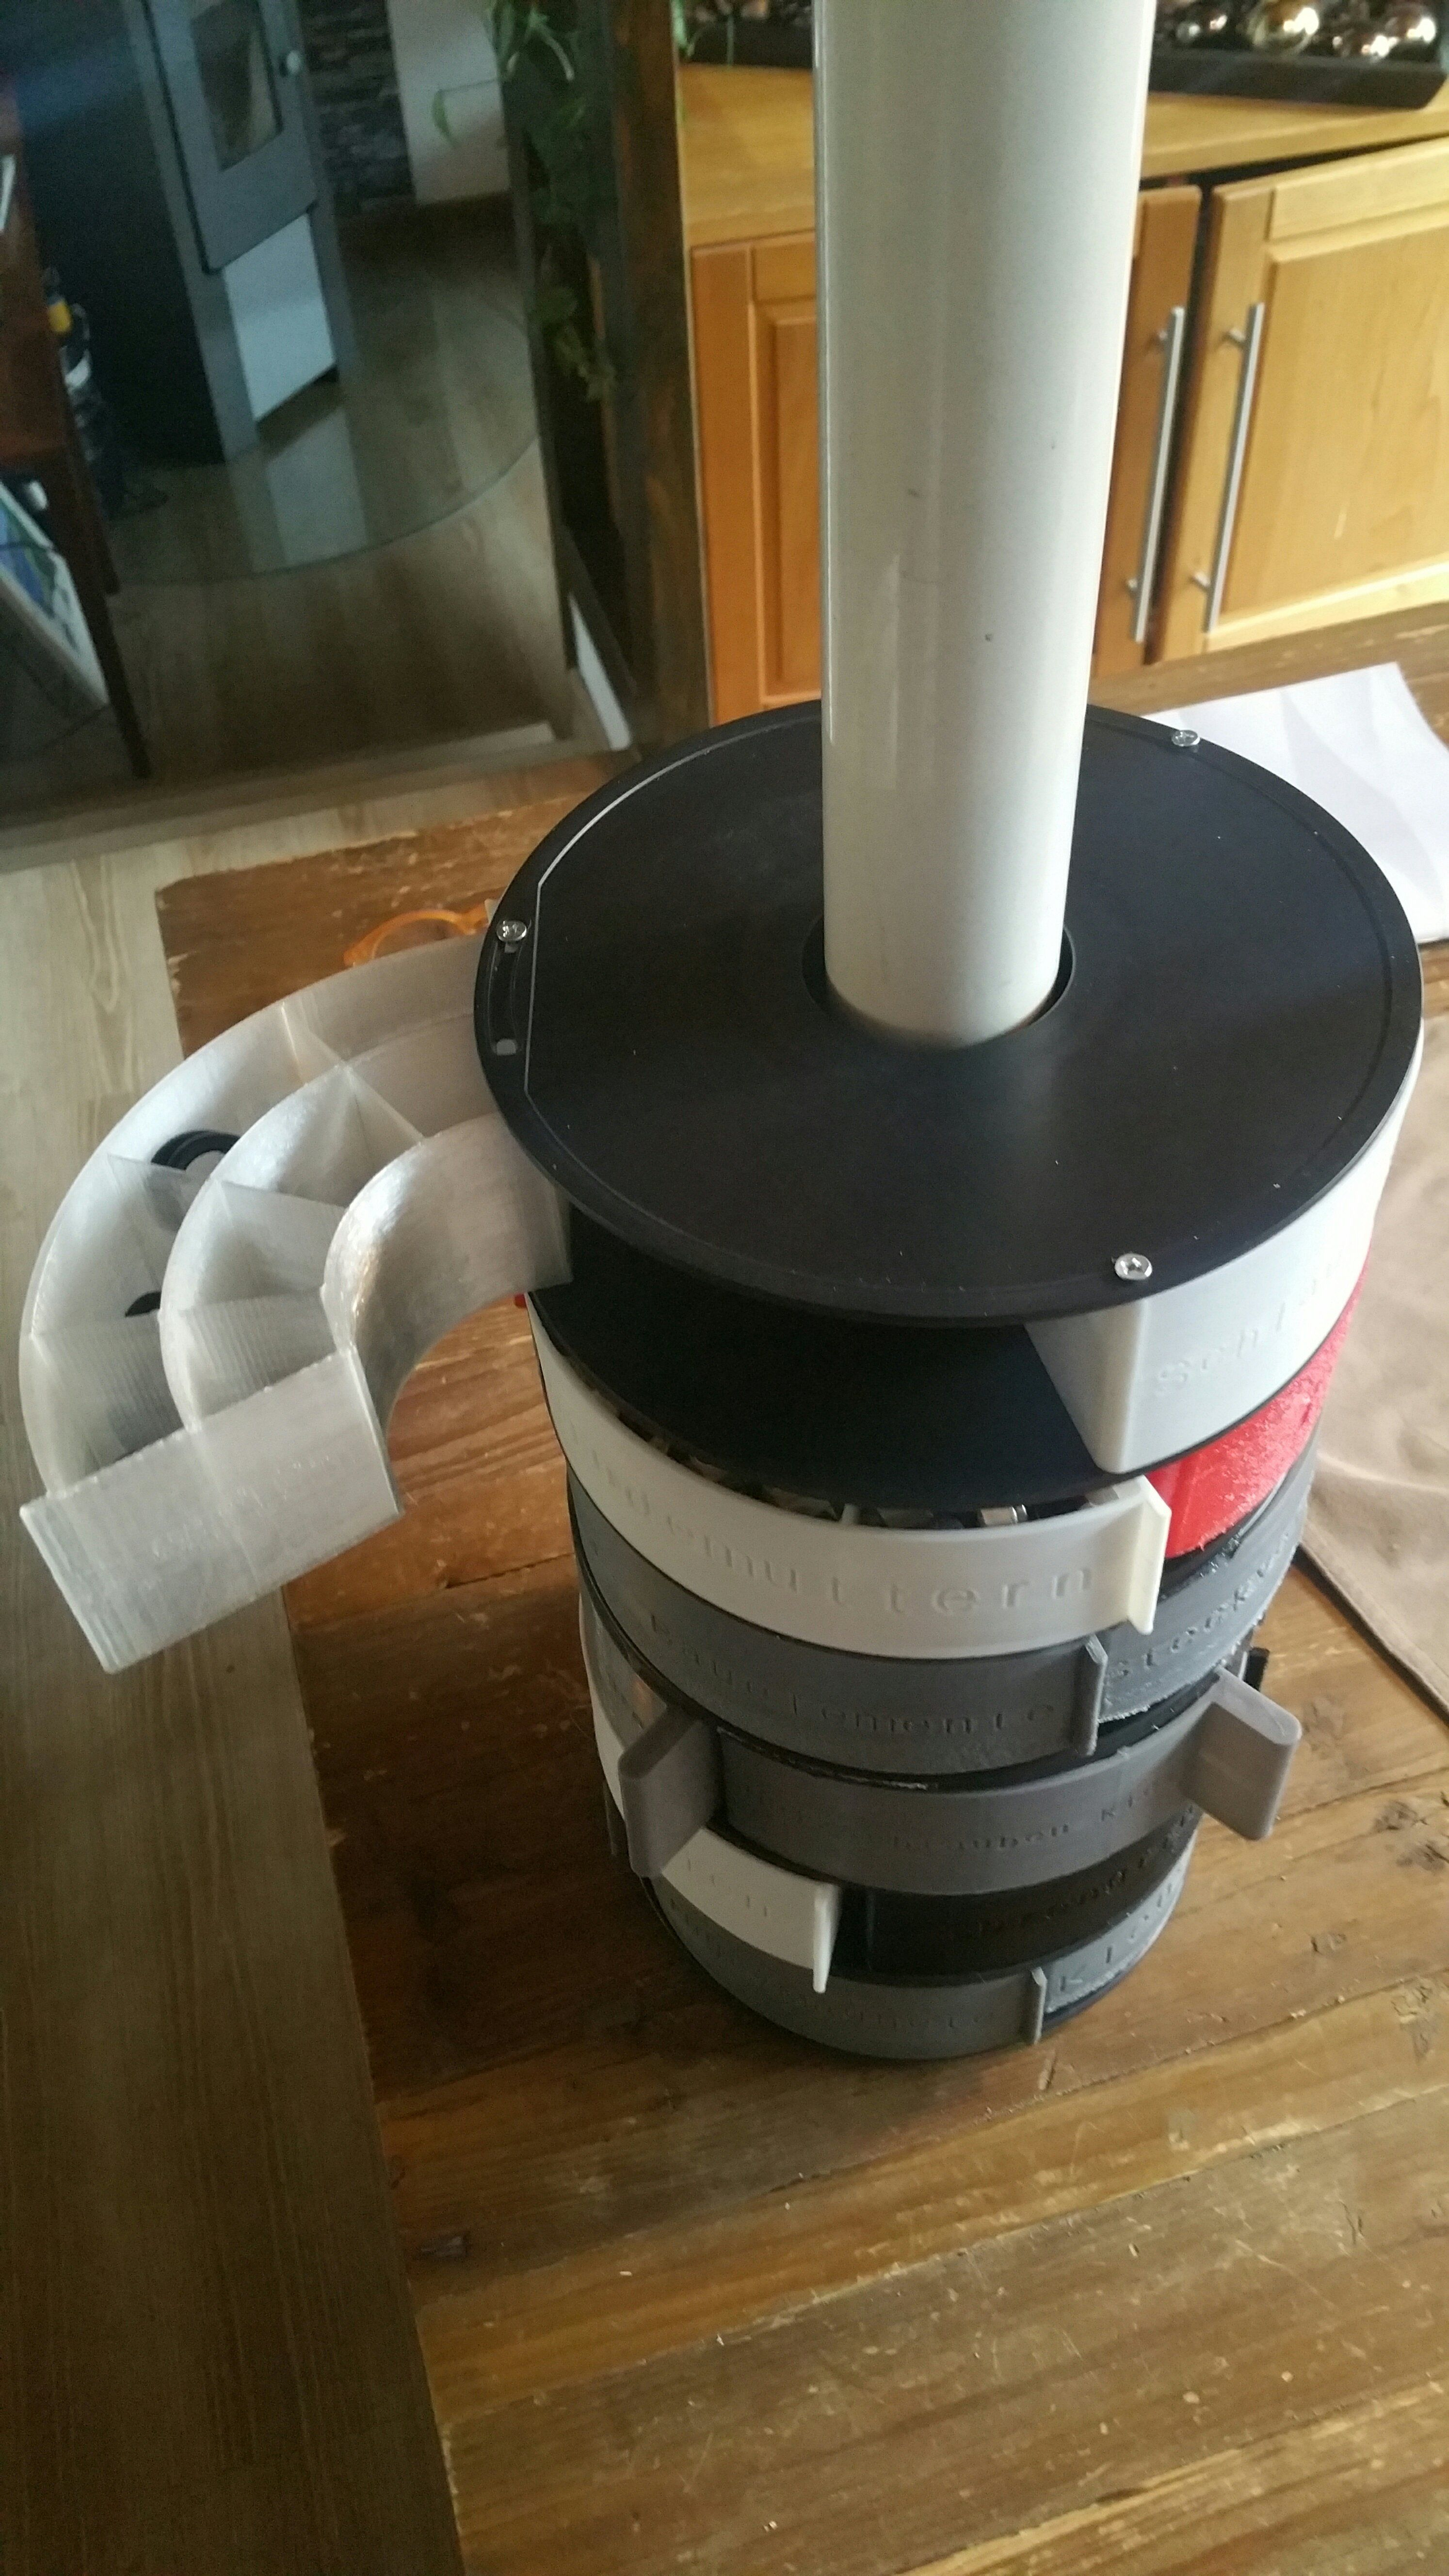 Sinnvolles Recycling von leeren Filamentspulen 3d